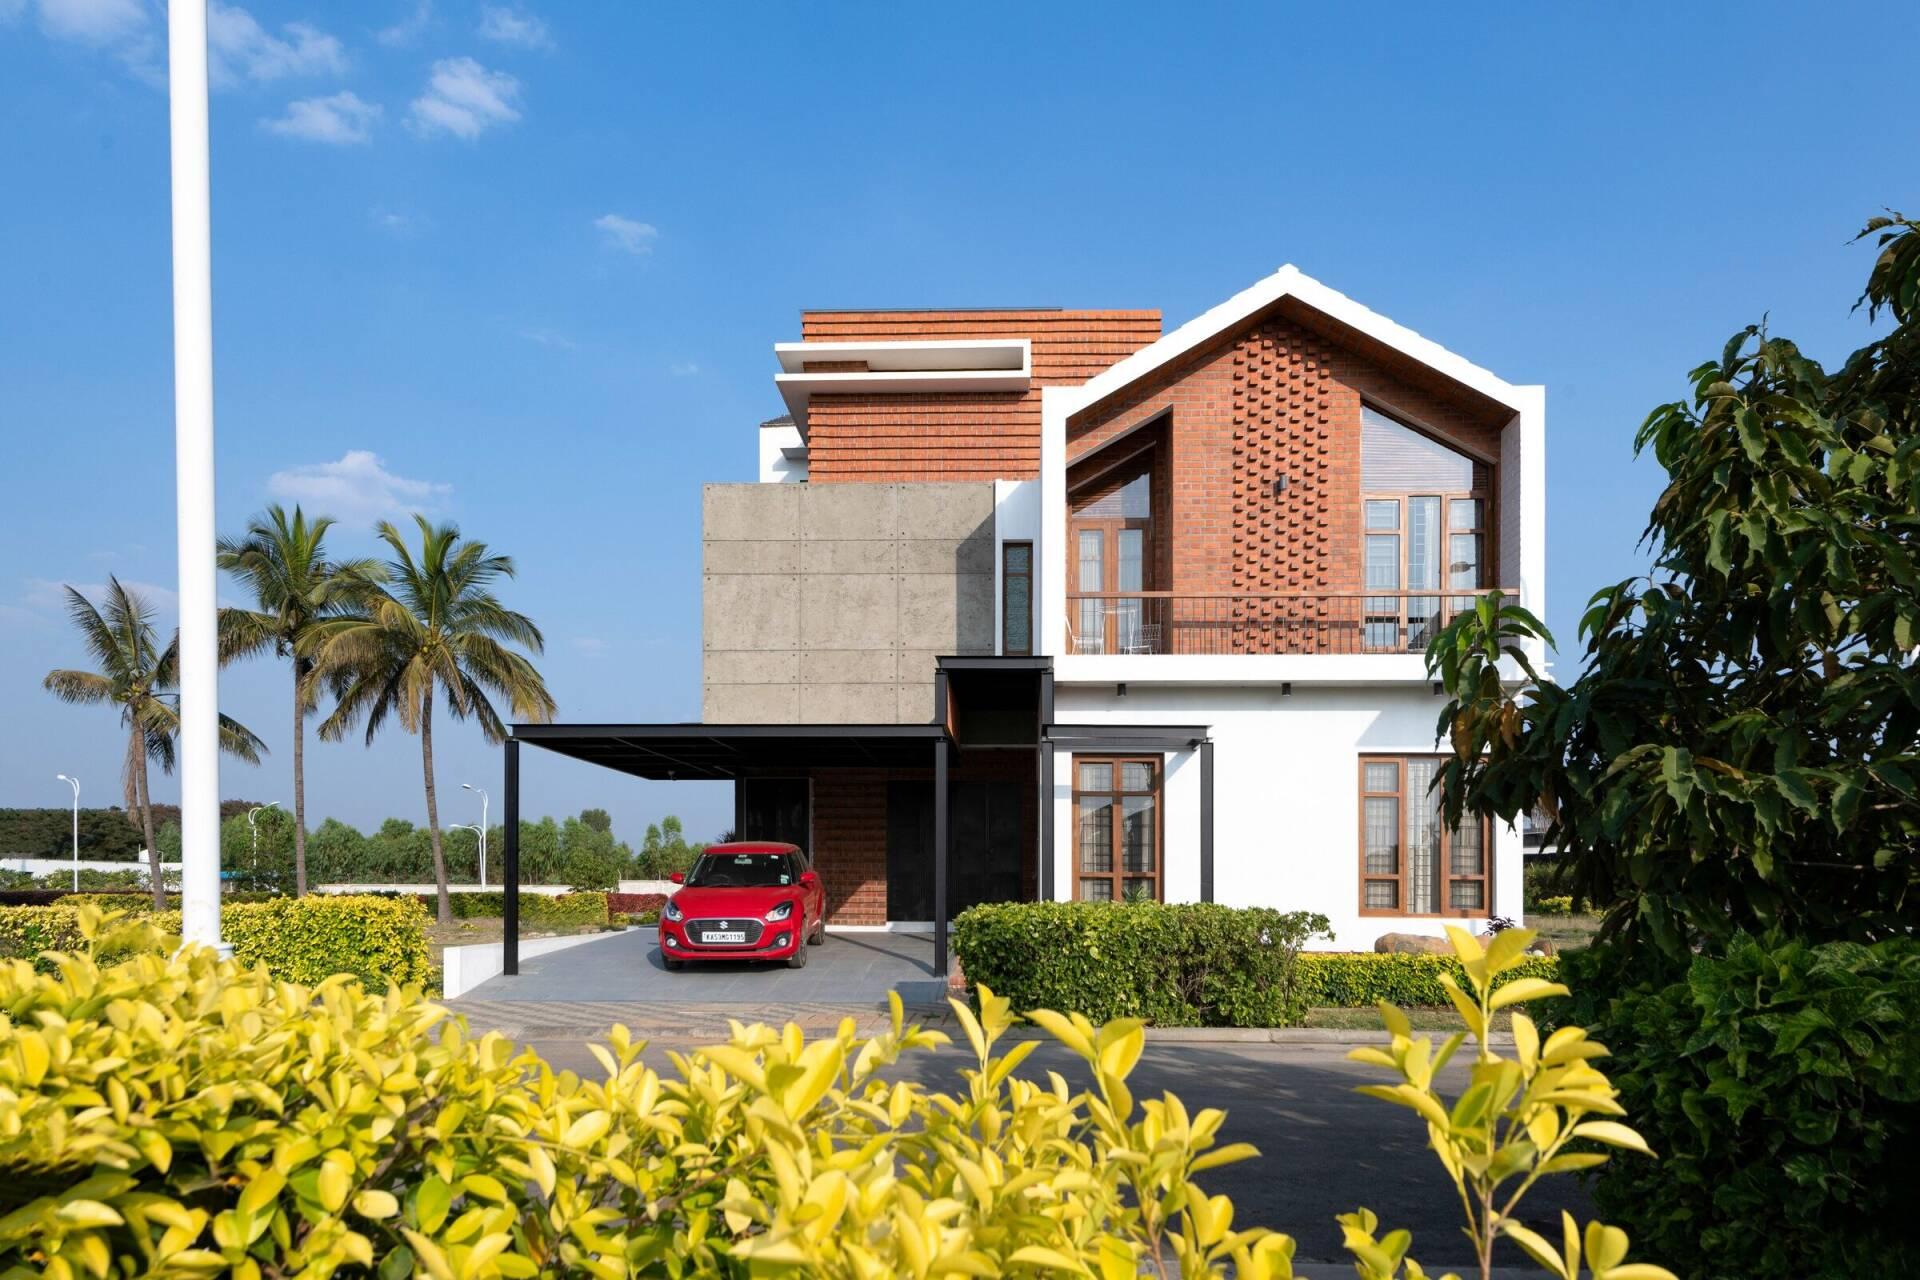 Nhà 3 Tầng Hướng Tây Ở Đà Nẵng